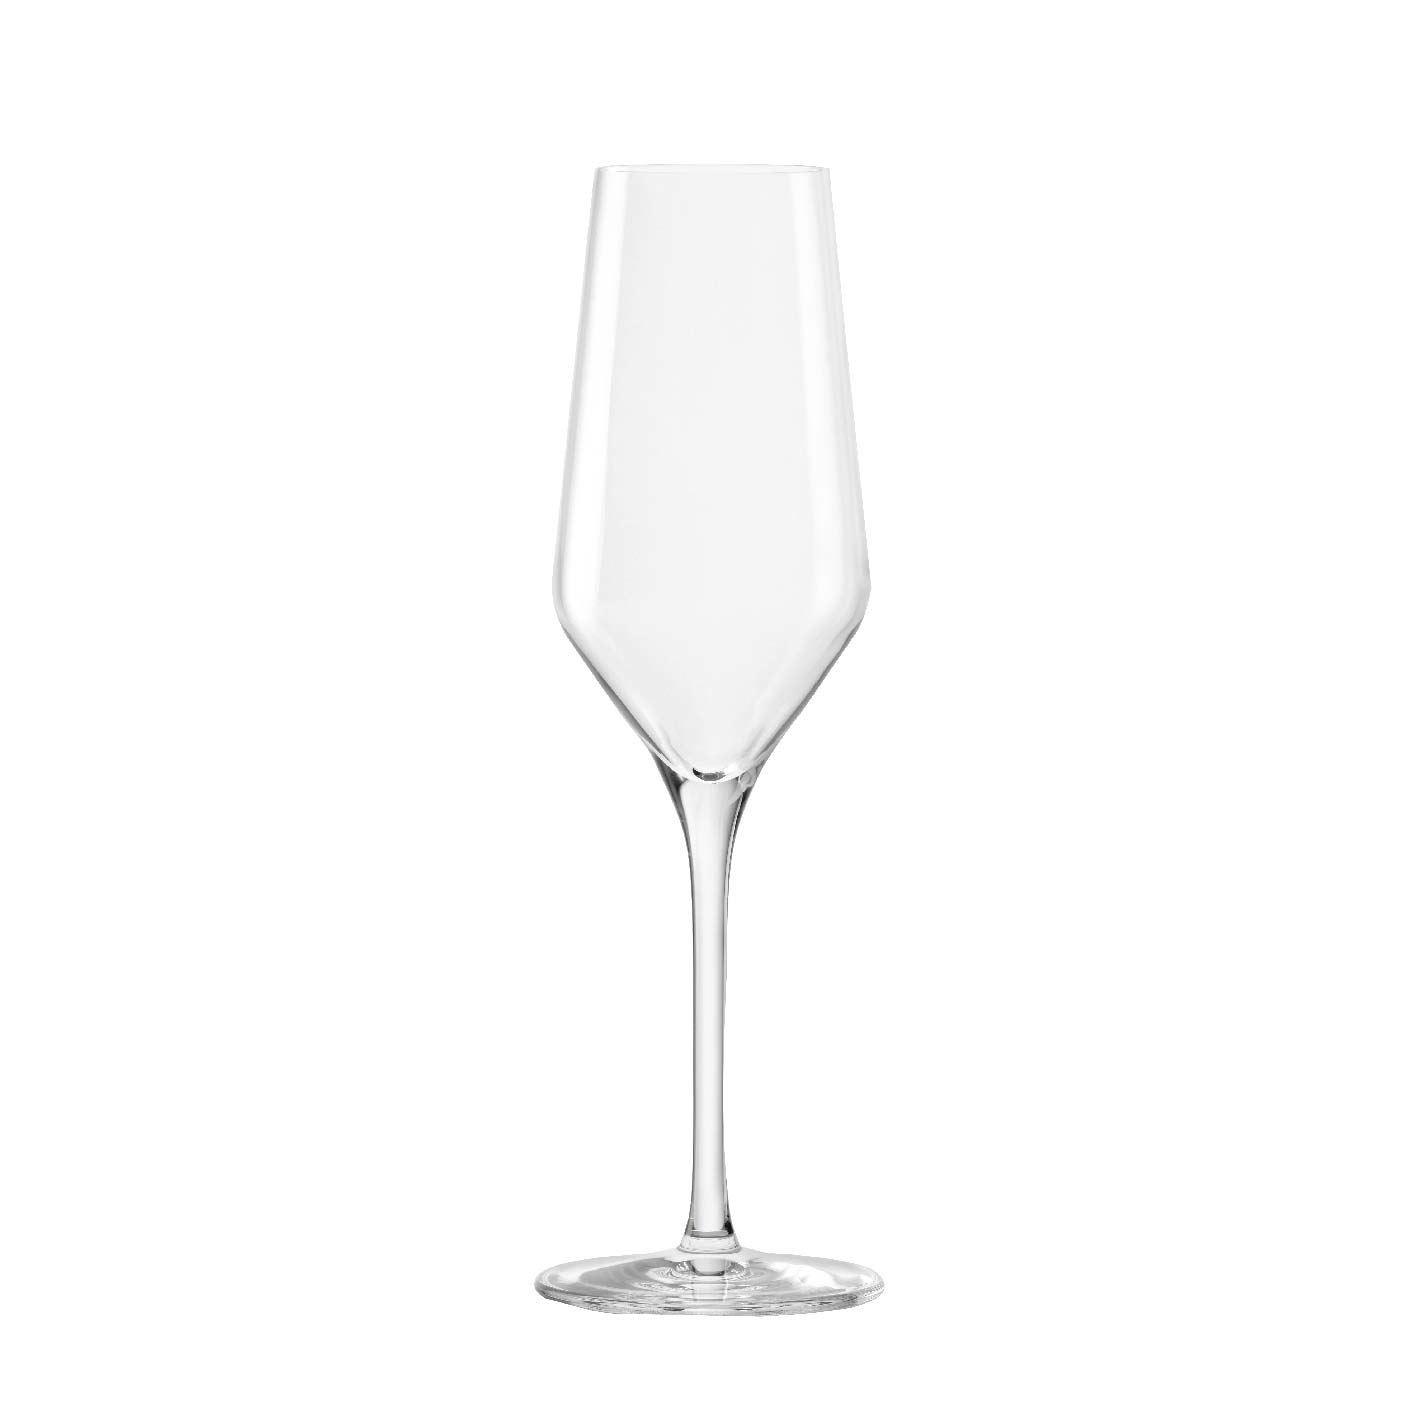 Taça de Champanhe de Cristal Passion Flute 240ml 6 Pcs